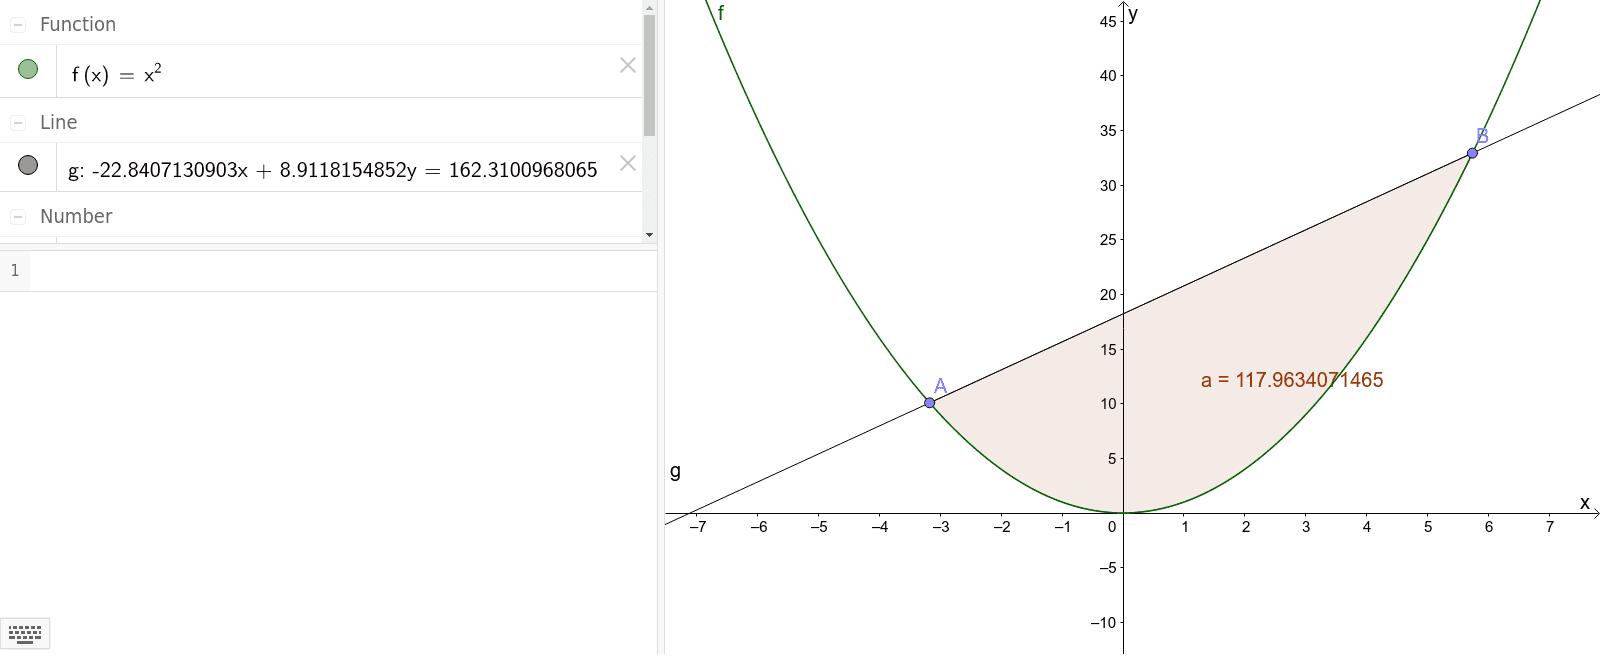 Oppgave 2 d (punkt på objekt)